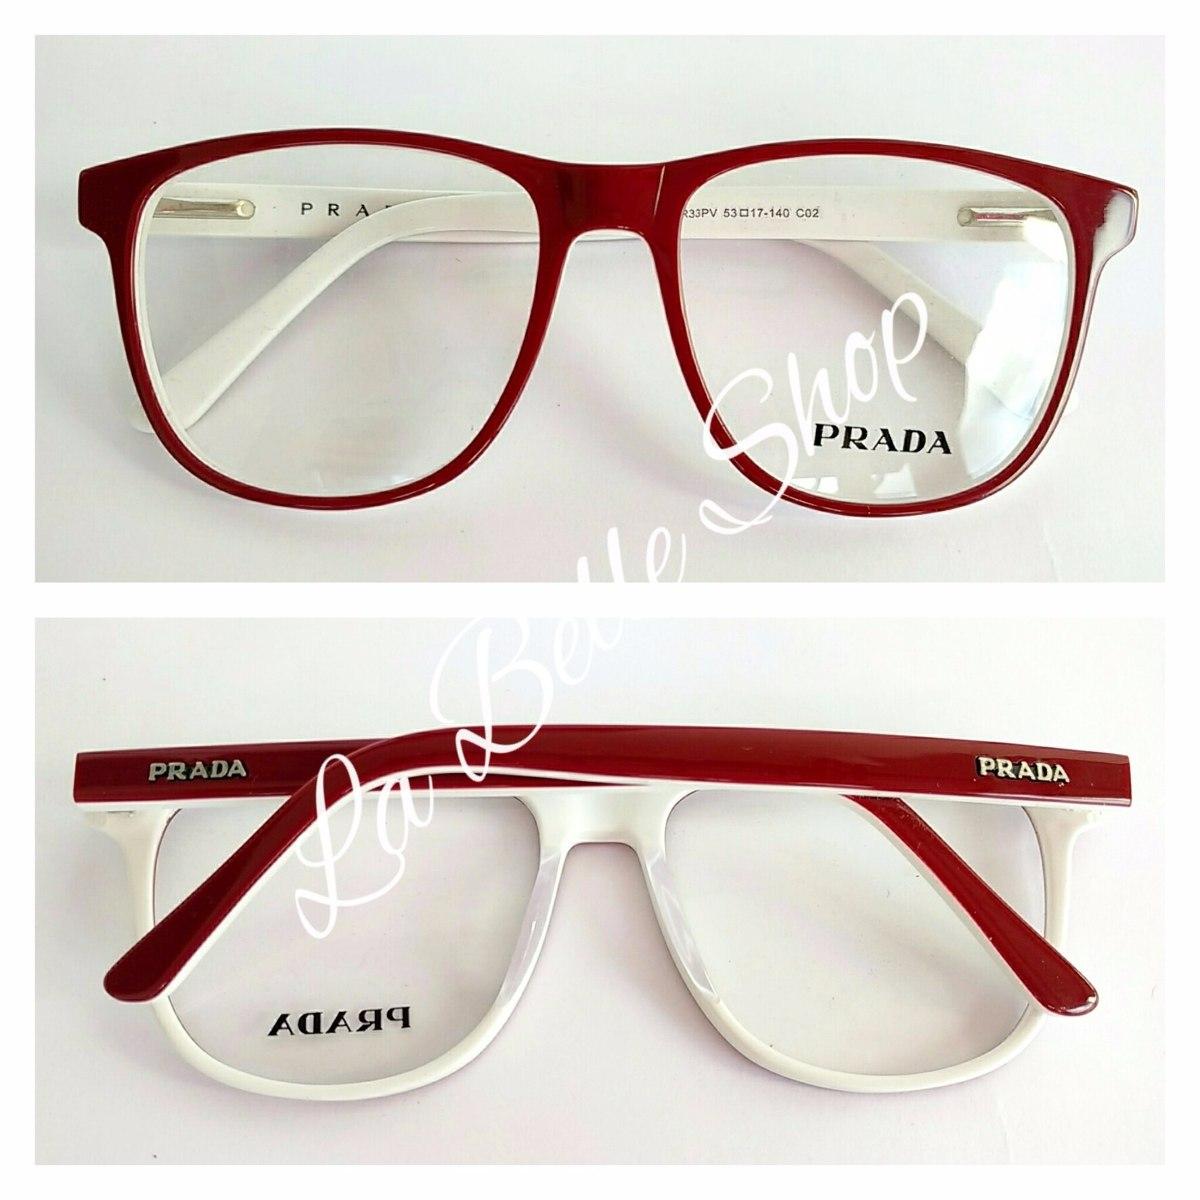 ffdbb71f6827d Armação Óculos De Grau Feminino Acetato Pr33pv - R  124,00 em ...